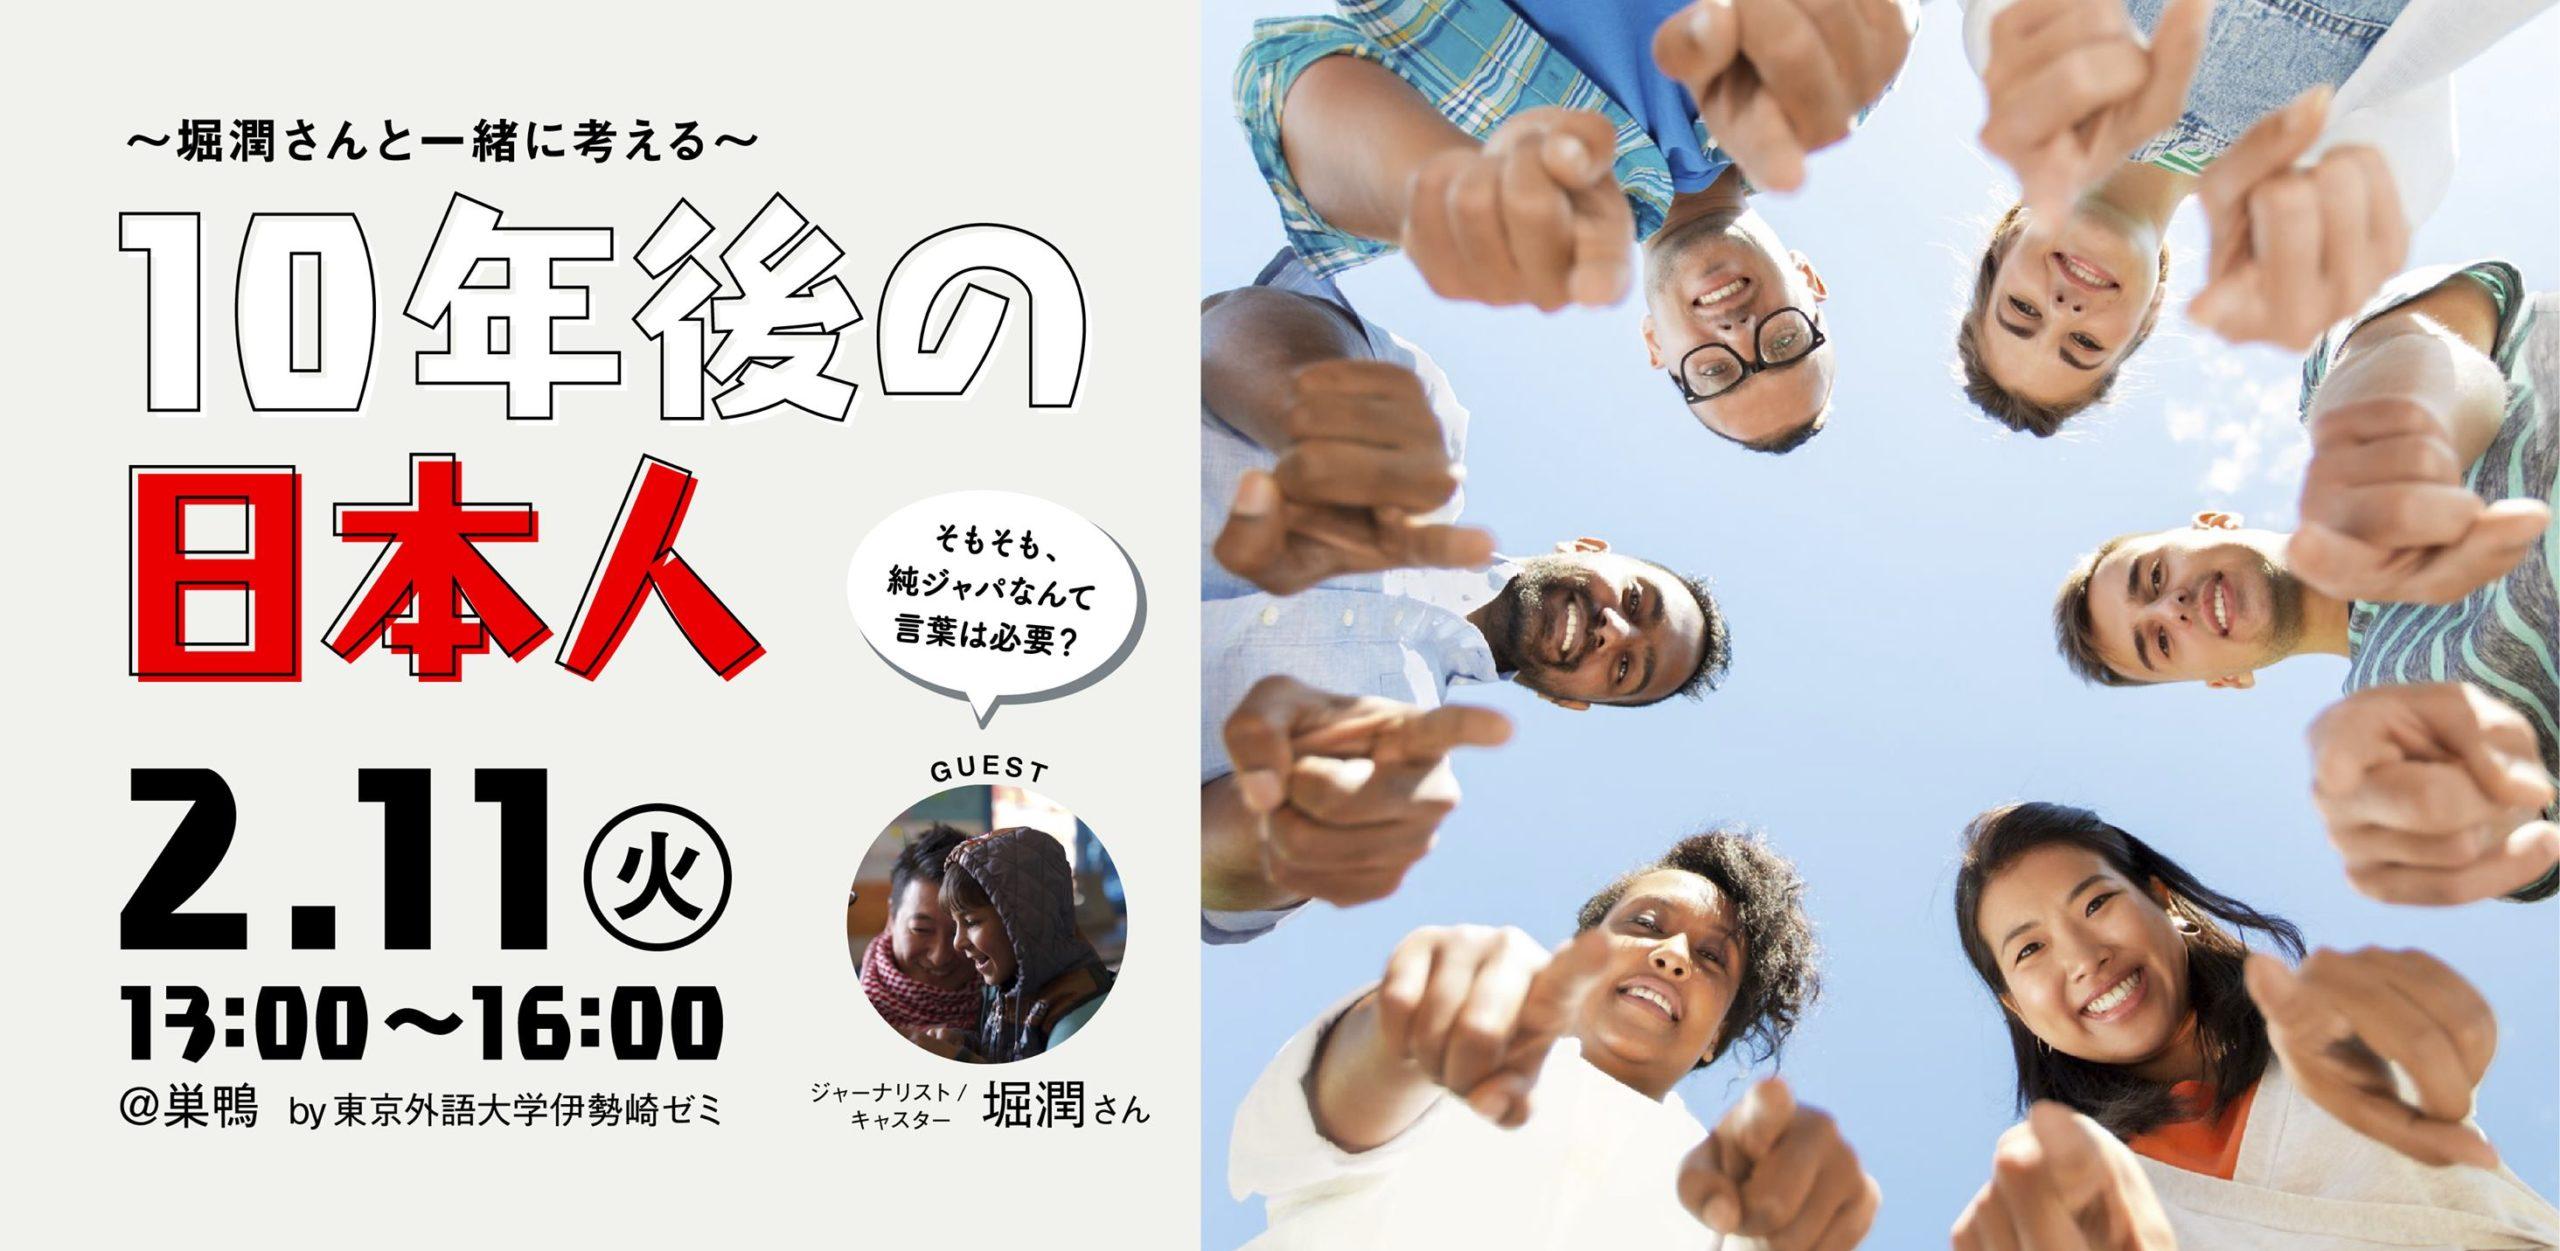 〜堀潤さんと一緒に考える〜 10年後の日本人「そもそも純ジャパなんて言葉は必要?」